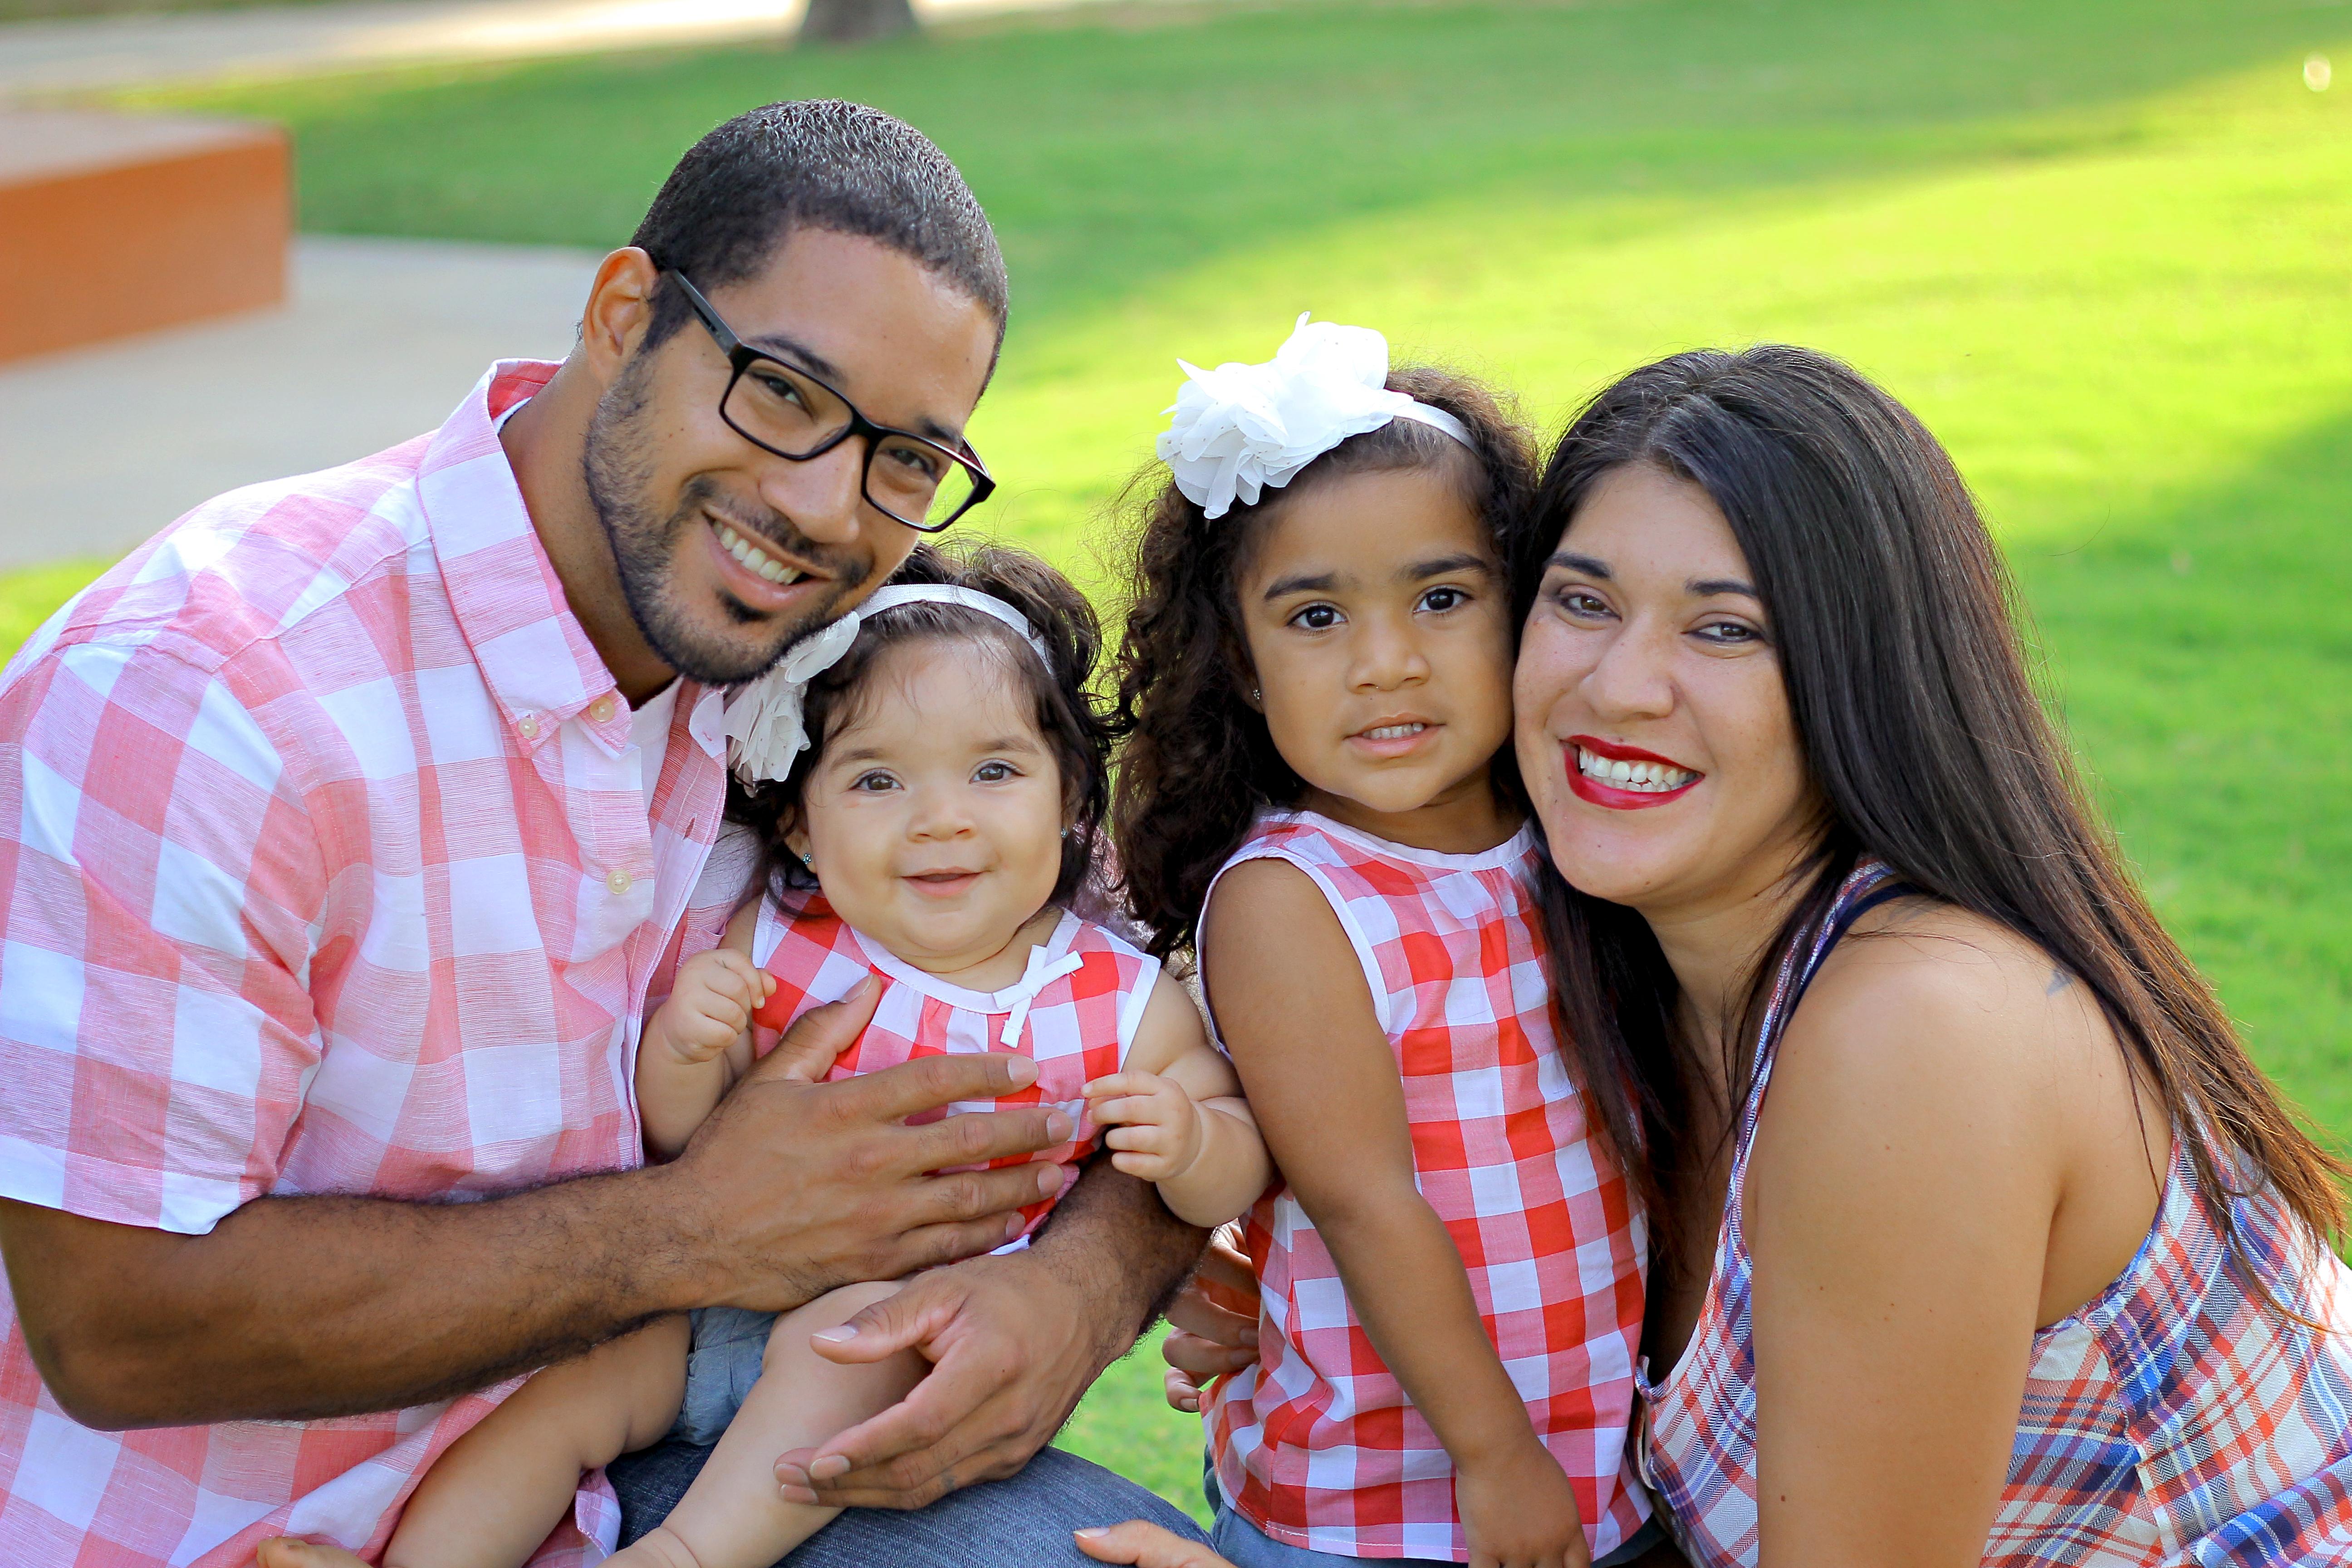 La Quinta Family photographer